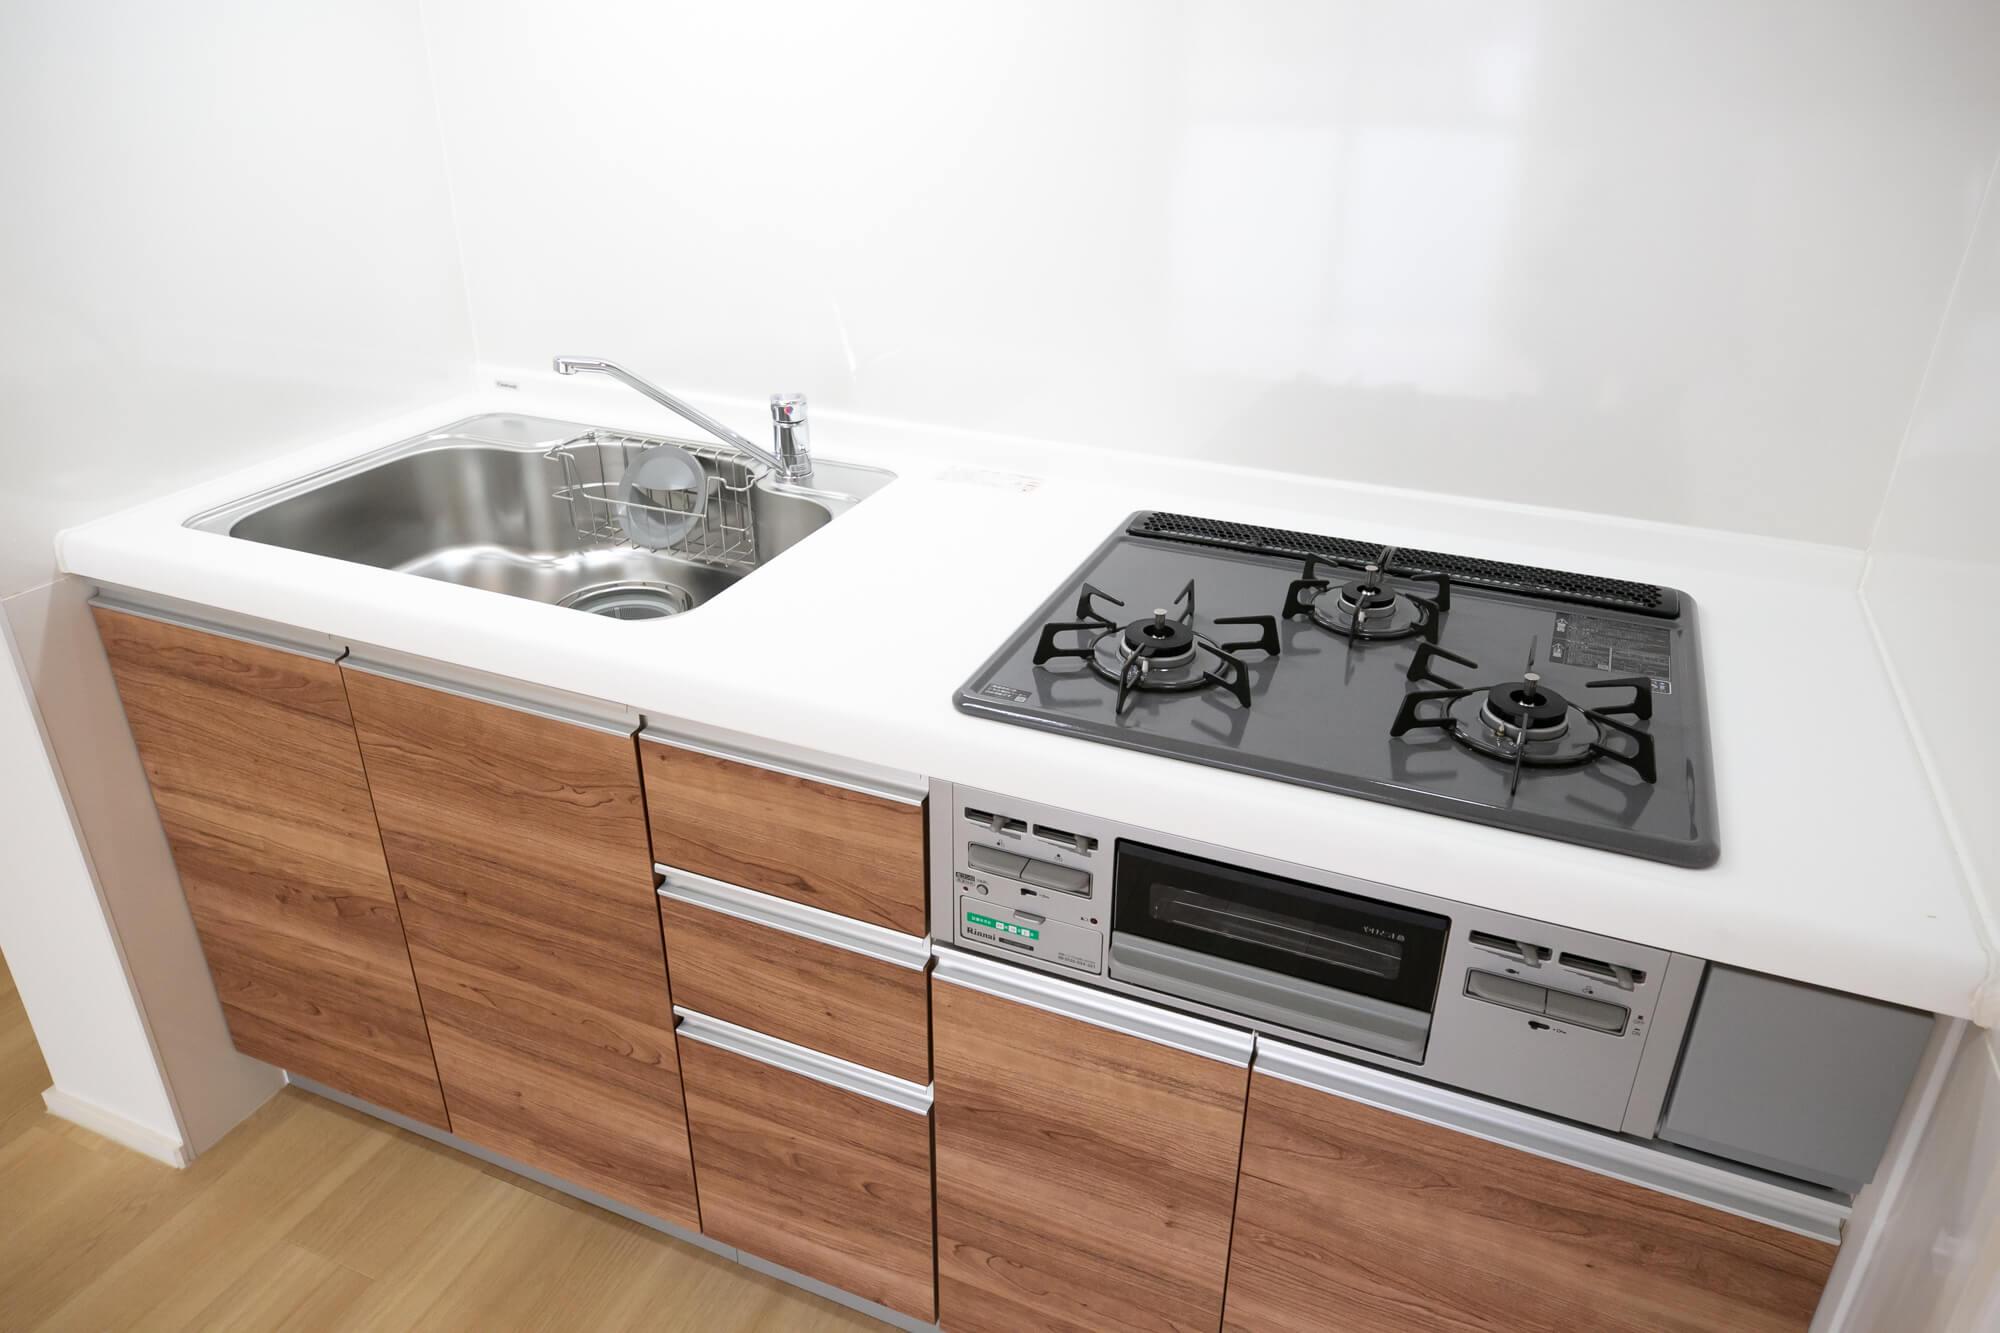 キッチンは、木目調デザインの新しいものに。ガス3口が嬉しい。天板が白くてお掃除もしやすそうです。